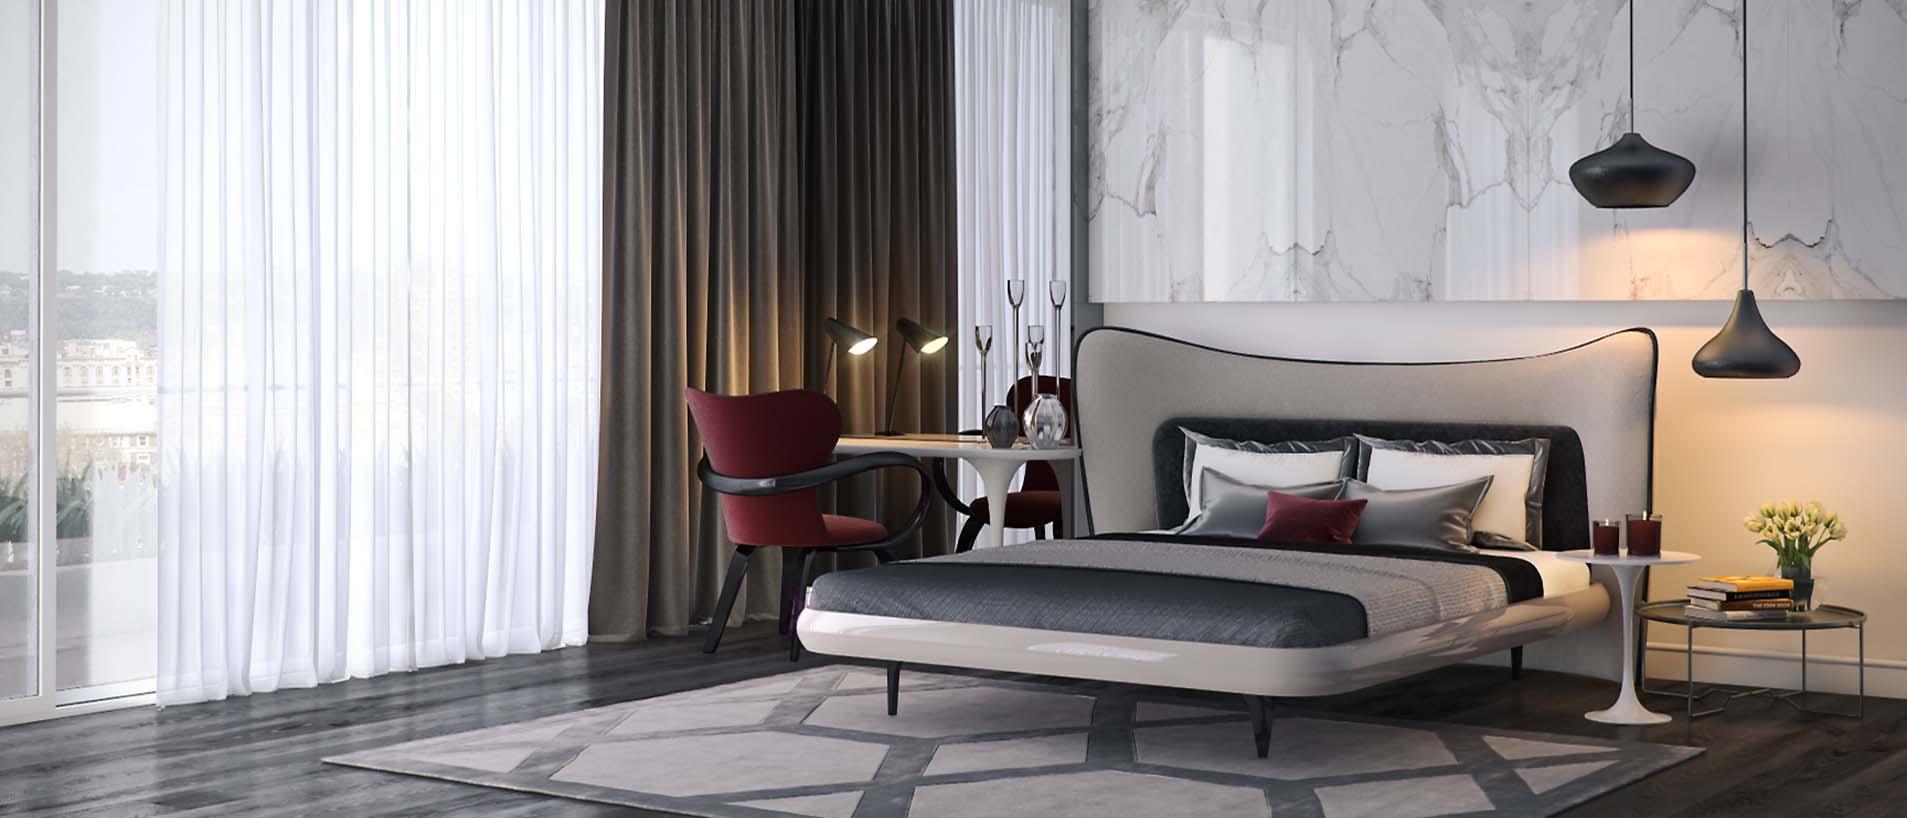 Кровать в стиле модерн в интерьере